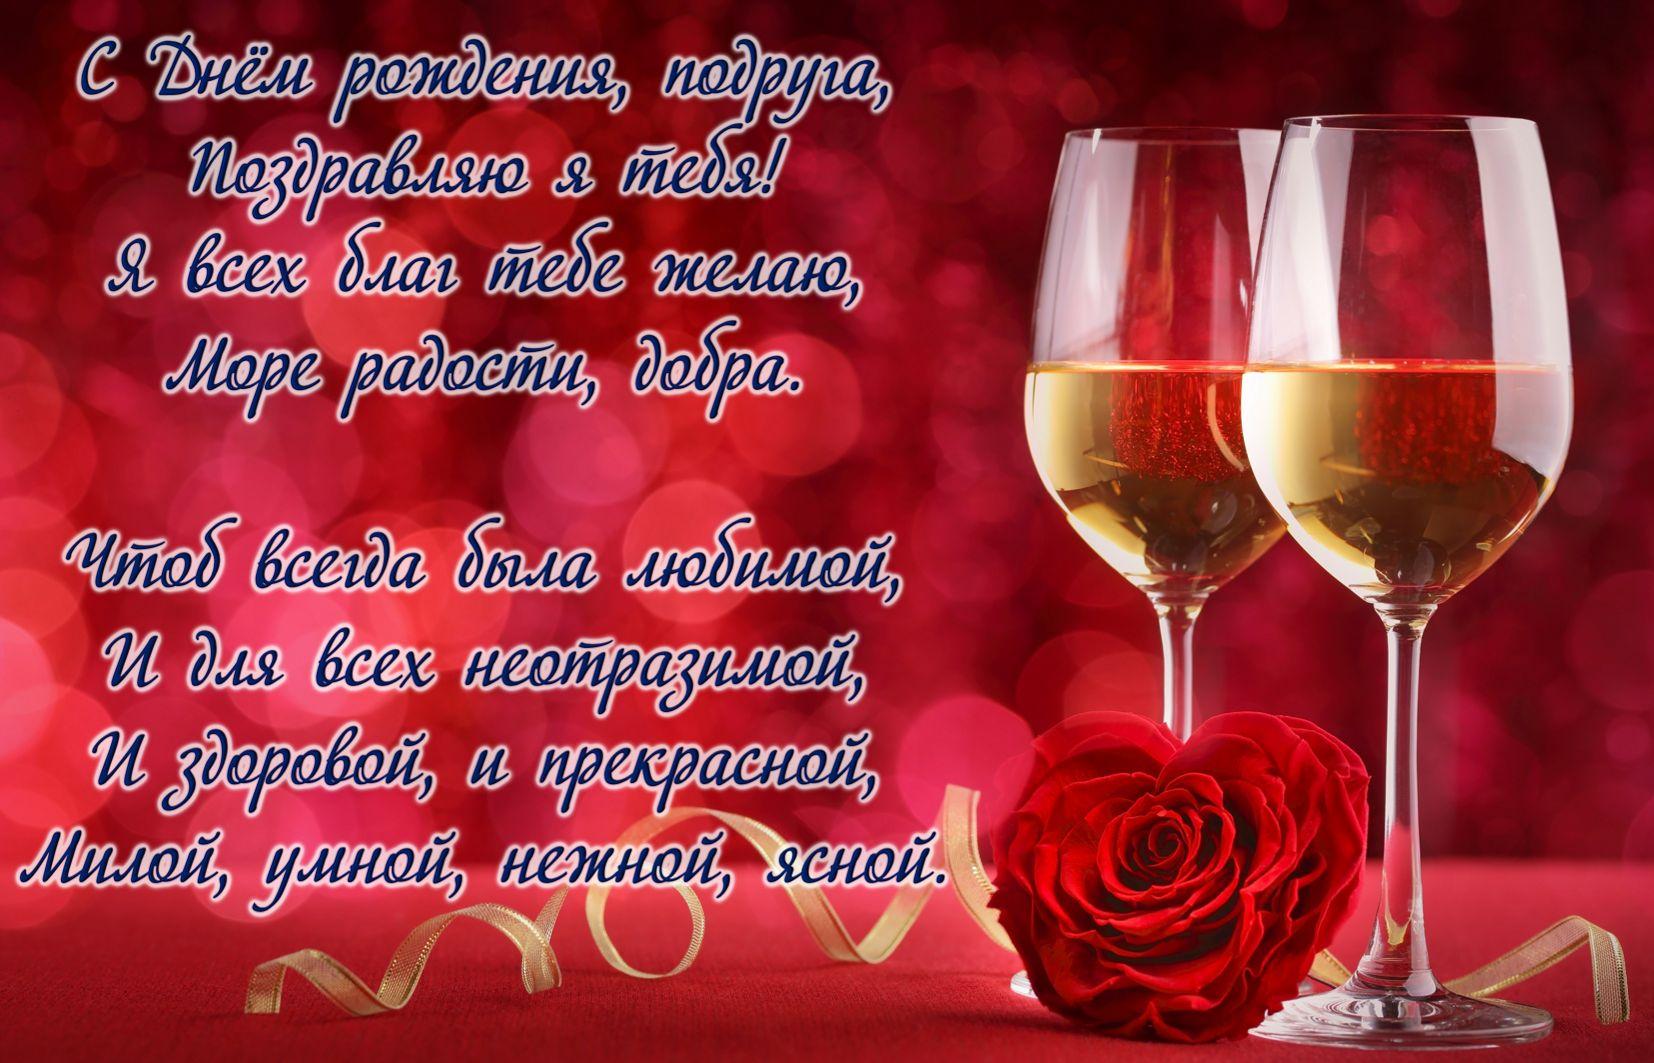 Открытка с Днём рождения подруге - пожелание в стихах и бокалы шампанского